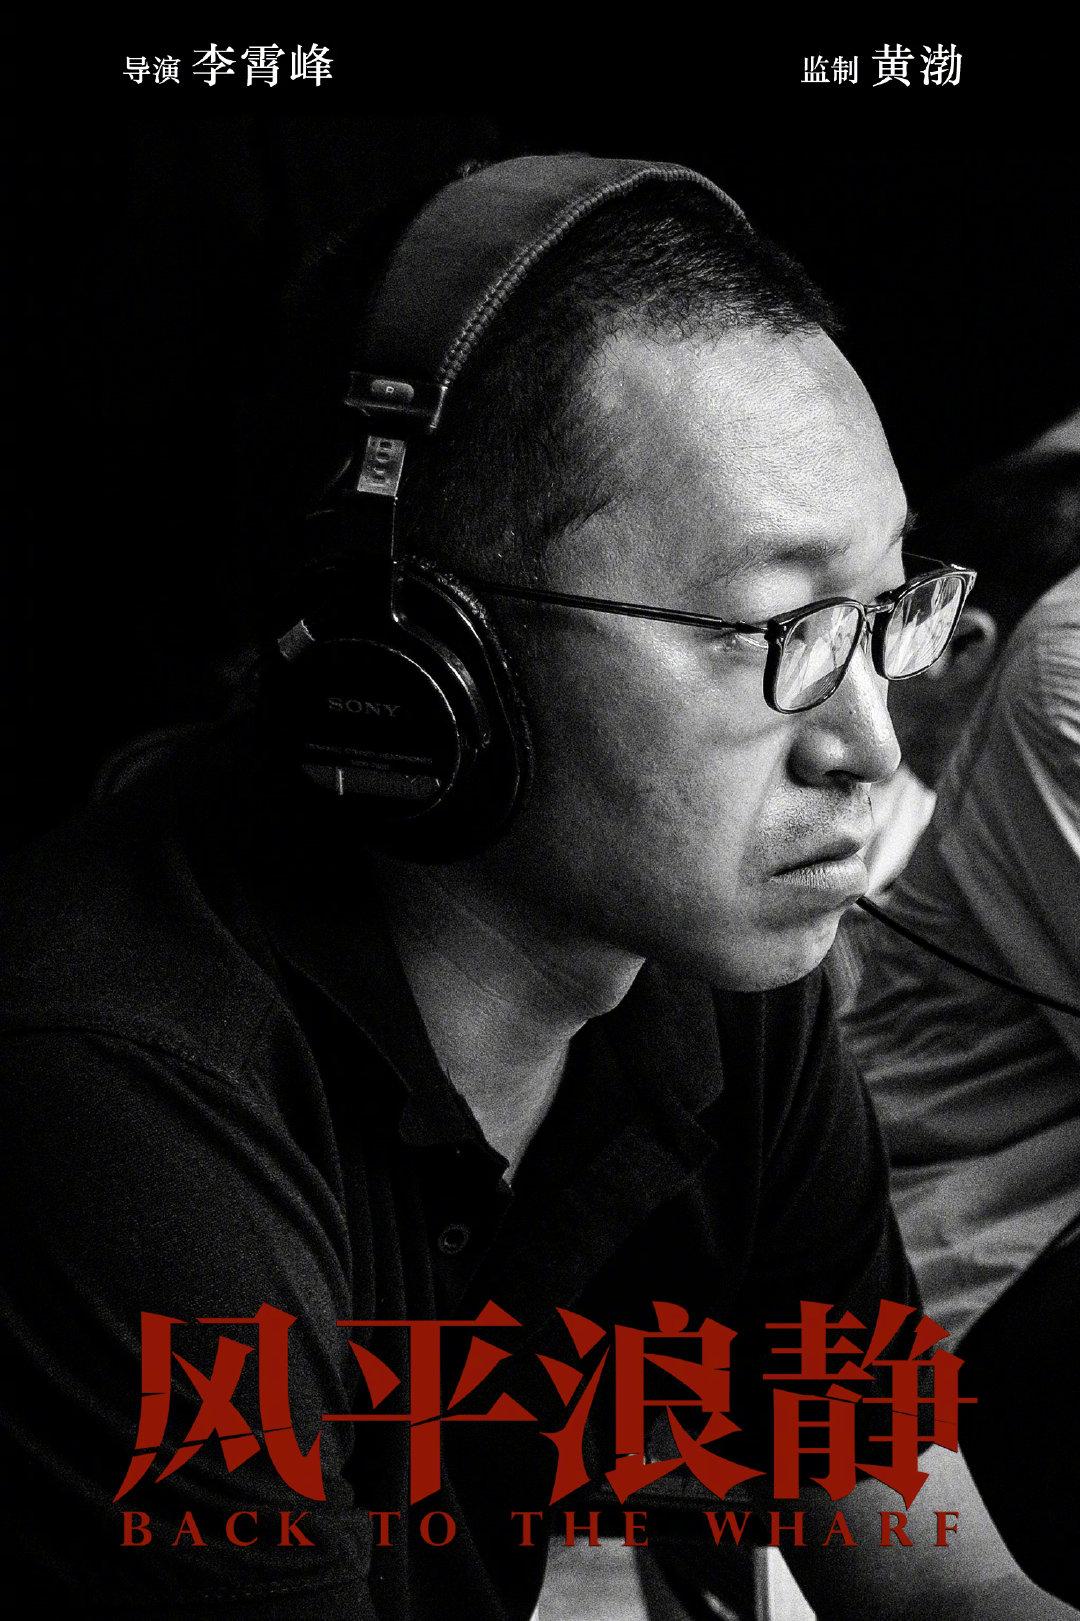 李霄峰导演,黄渤监制的新片《风平浪静》已经杀青